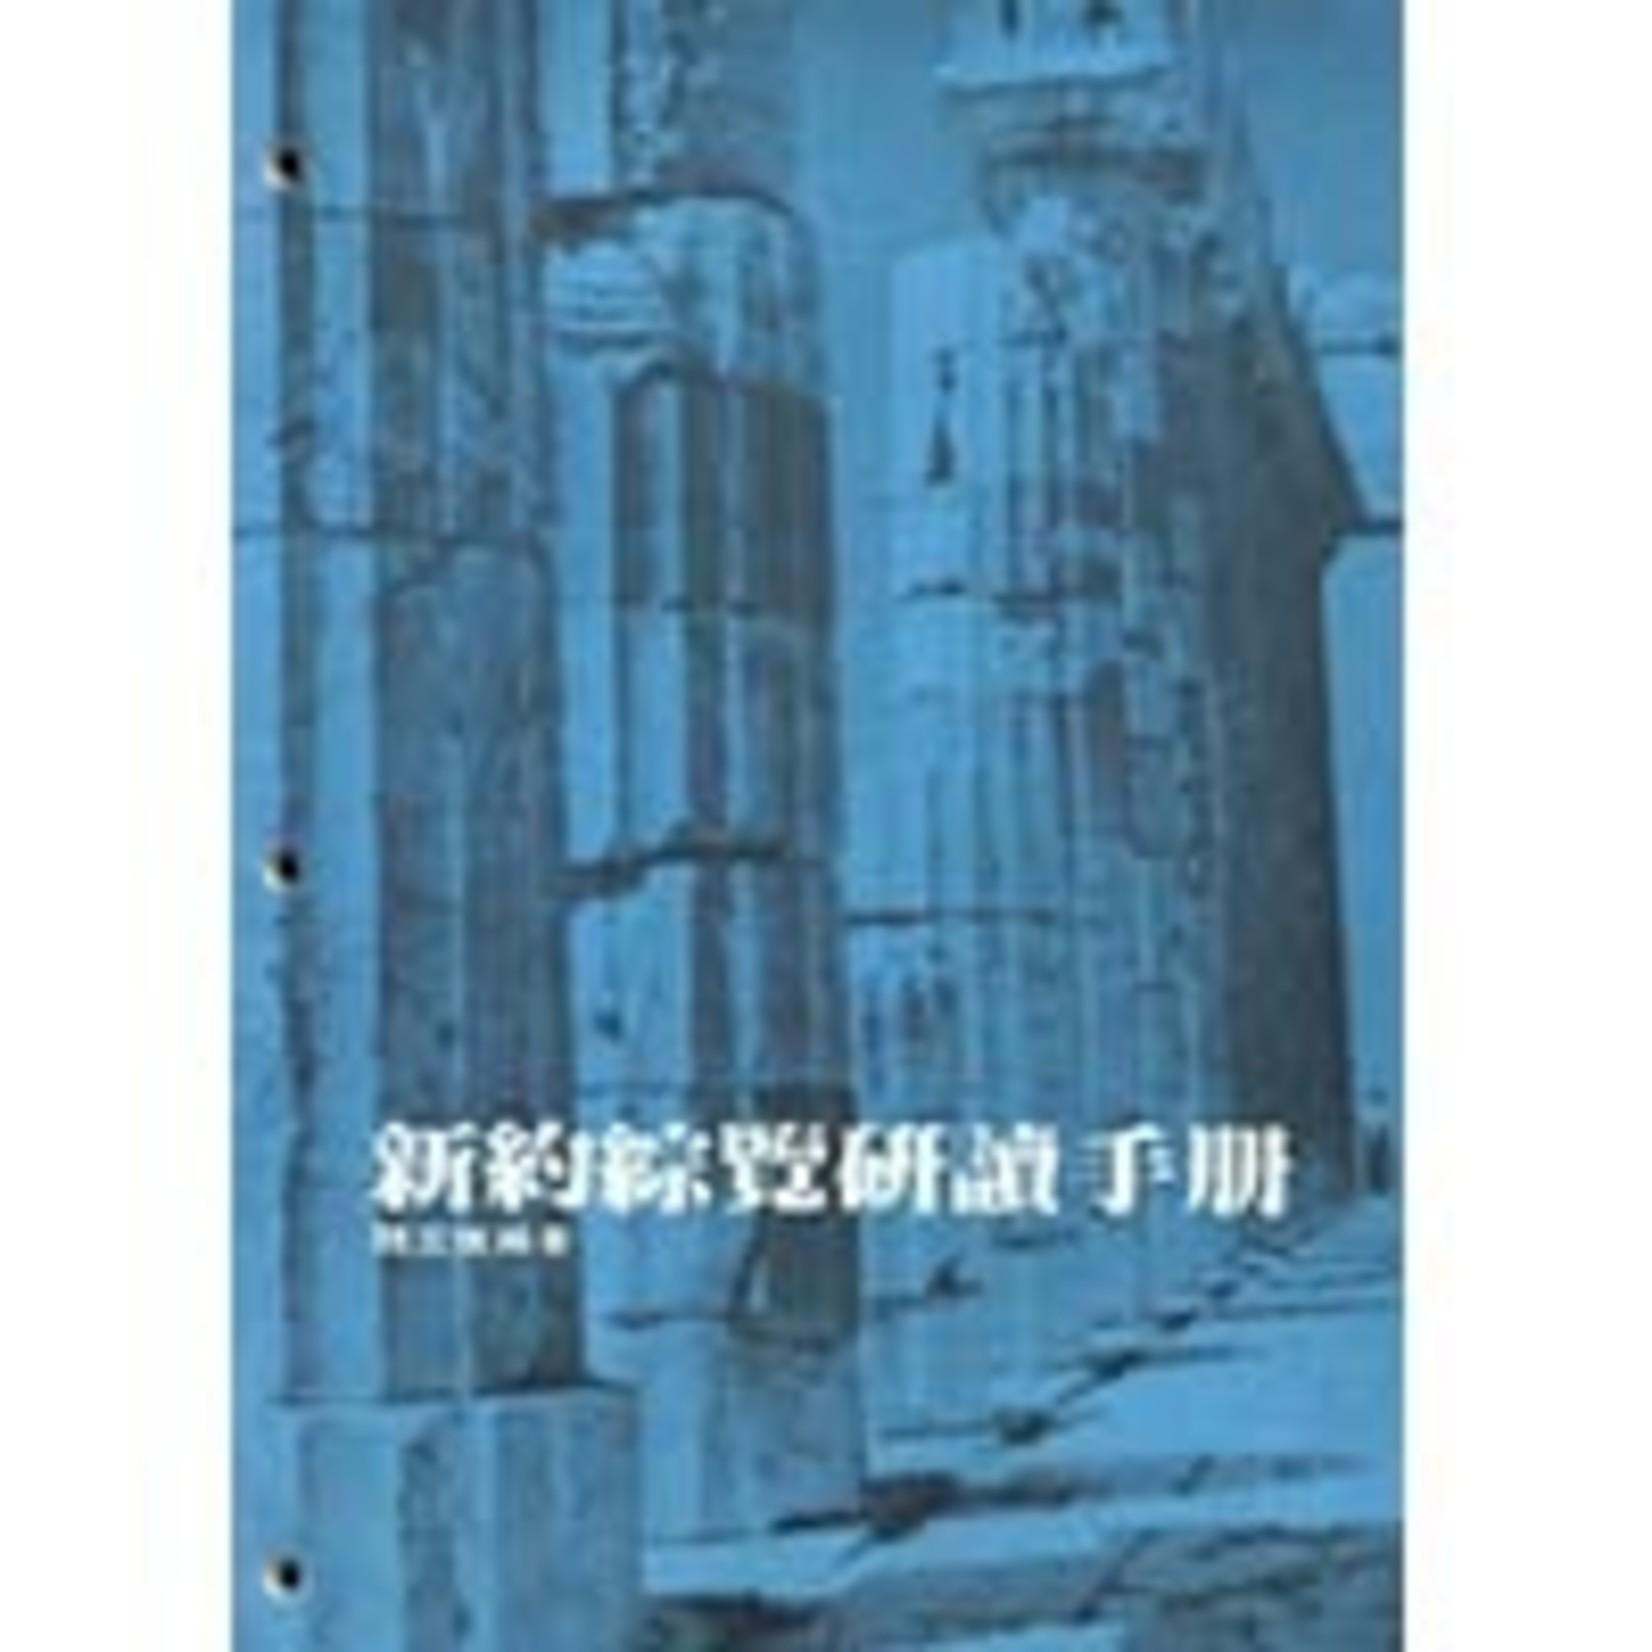 中華福音神學院 China Evangelical Seminary 新約綜覽研讀手冊